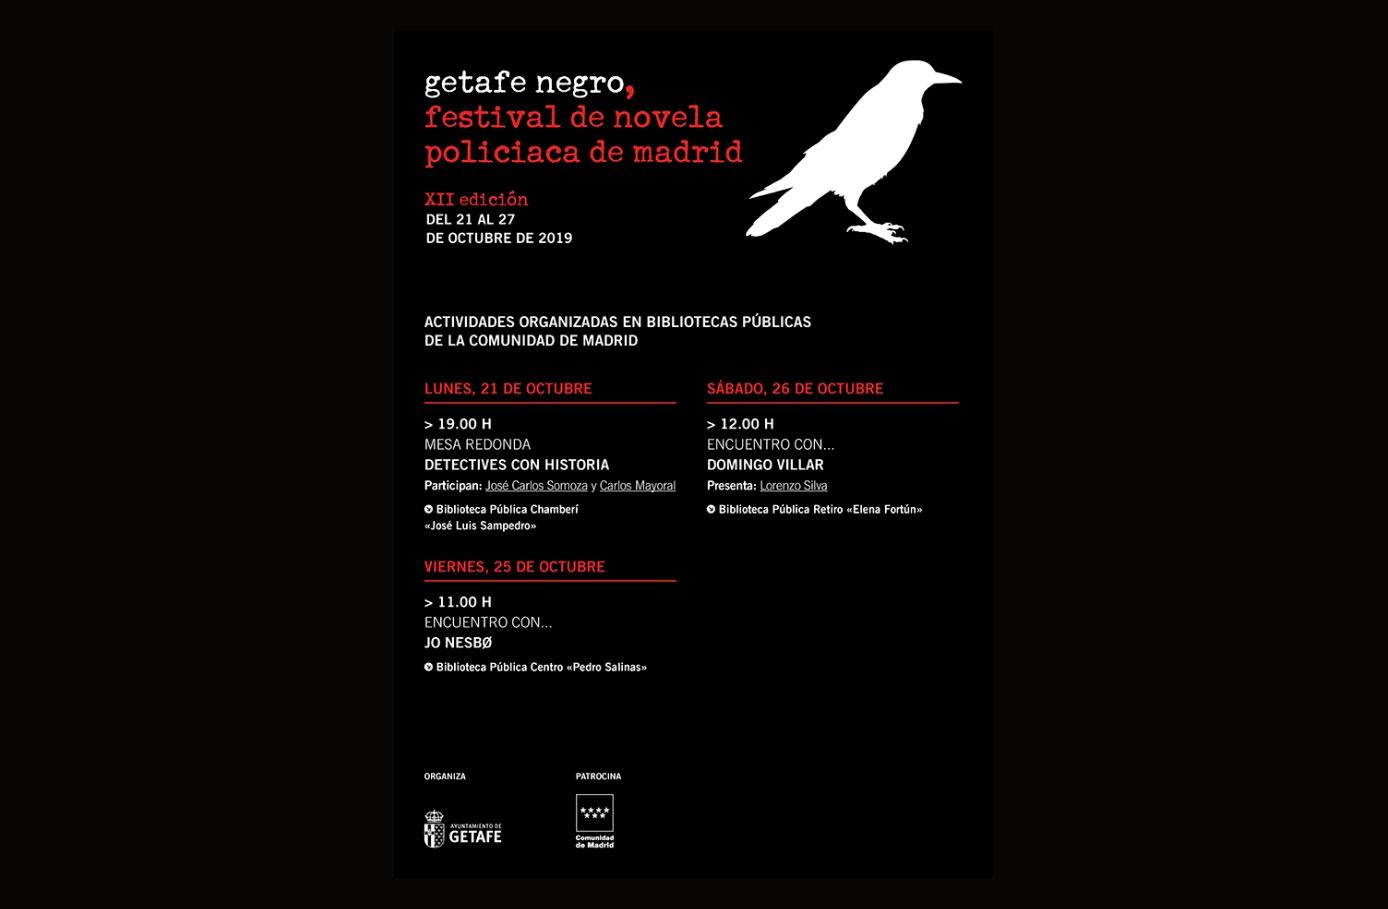 bibliotecas-publicas-getafe-negro-2019